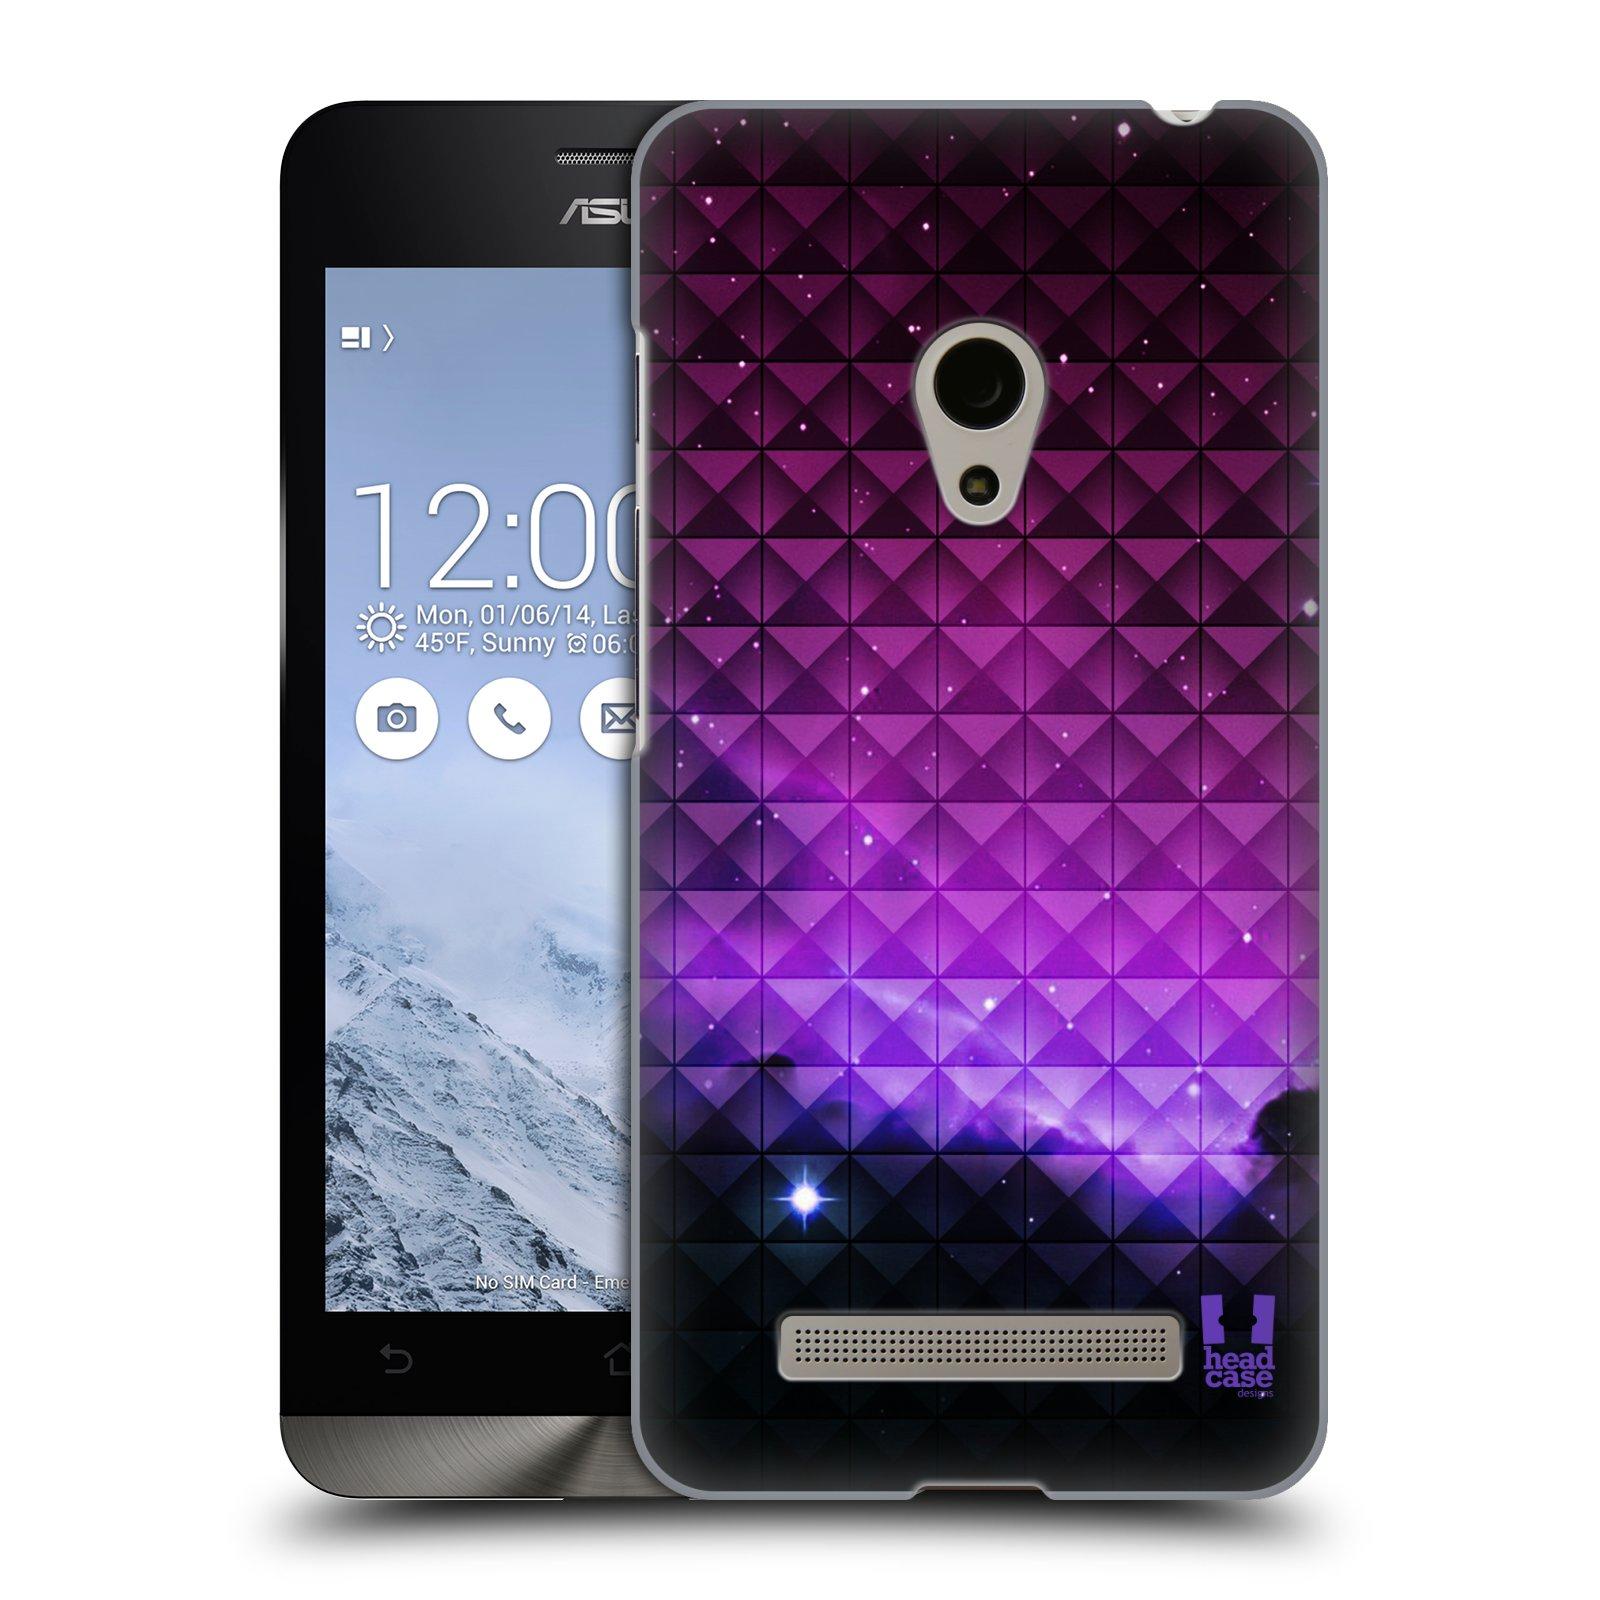 HEAD CASE plastový obal na mobil Asus Zenfone 5 vzor Hvězdná obloha hvězdy a slunce FIALOVÁ